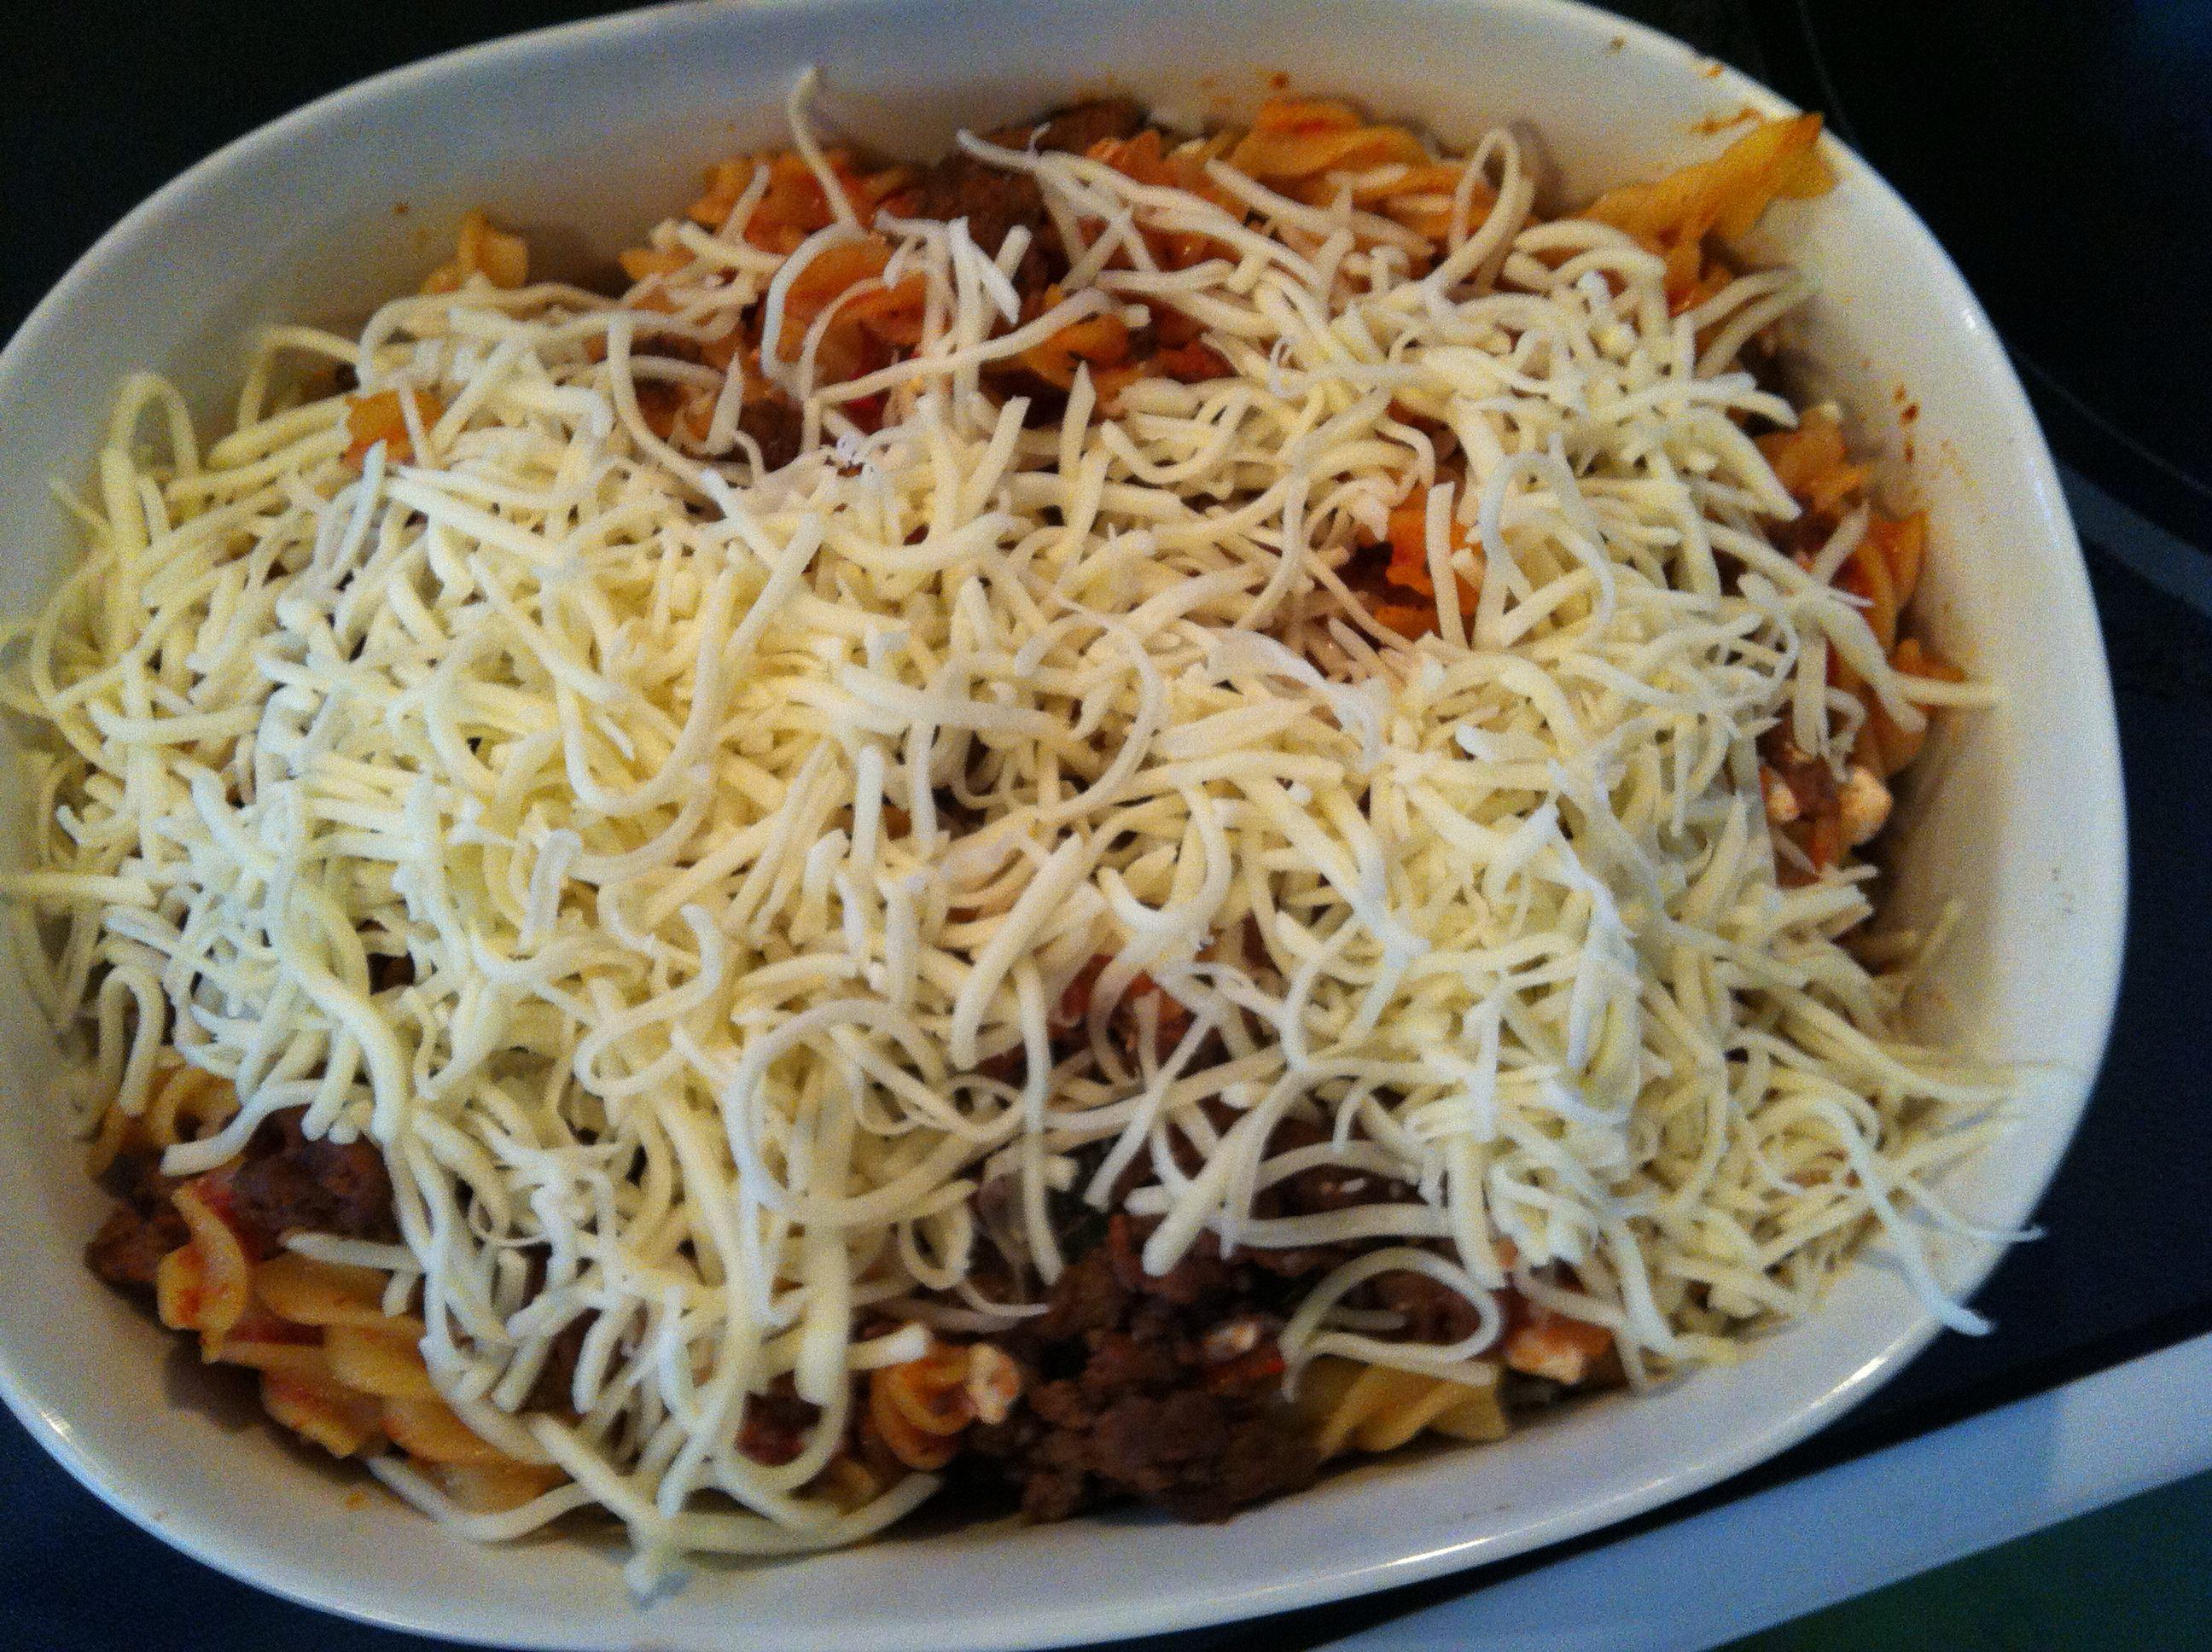 cheesy - Easy Italian Pasta Bake